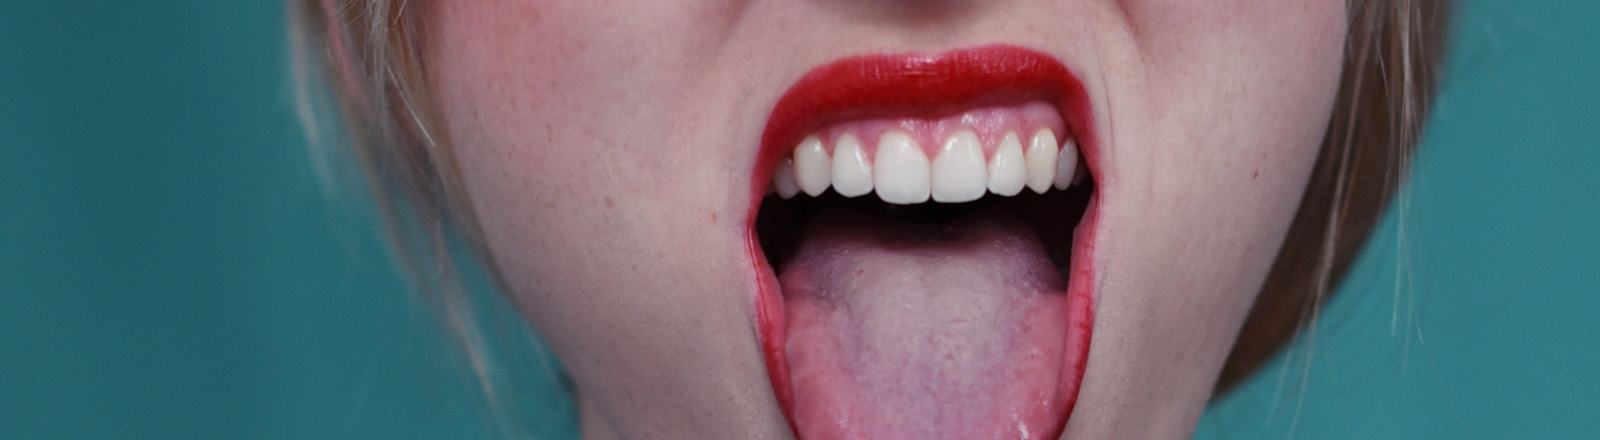 Frau streckt Zunge raus